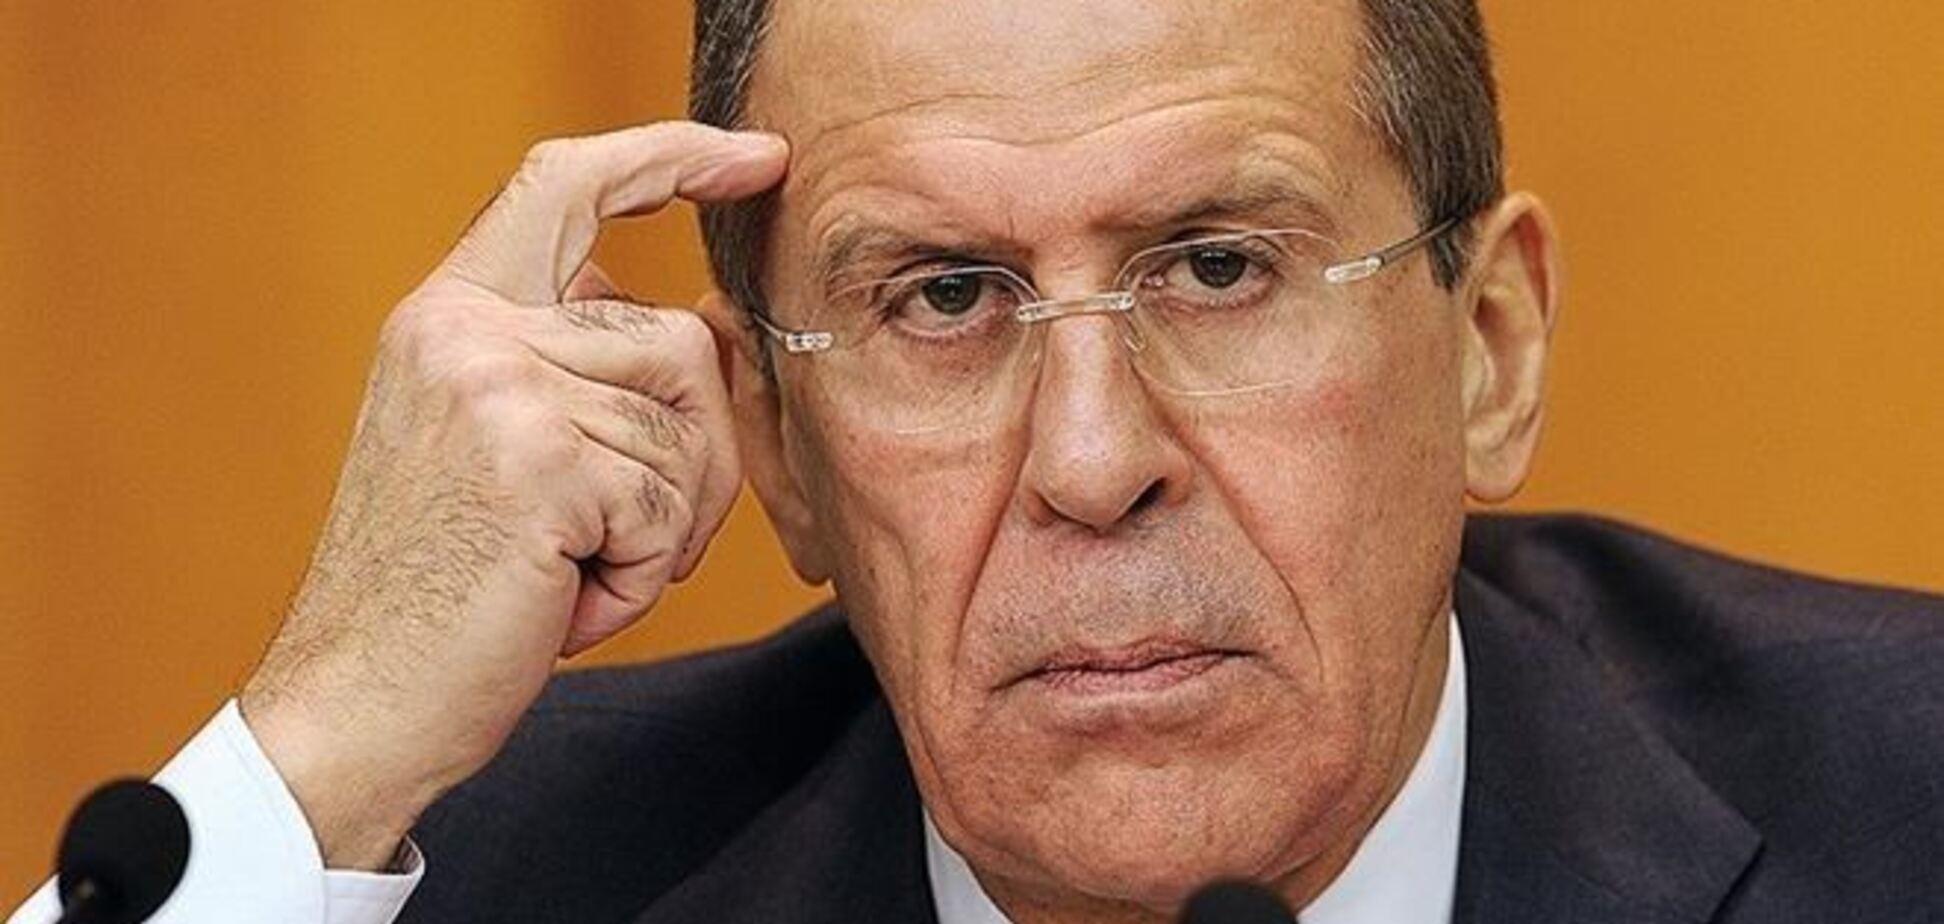 Посольство США в Украине по пунктам опровергло ложь МИД России